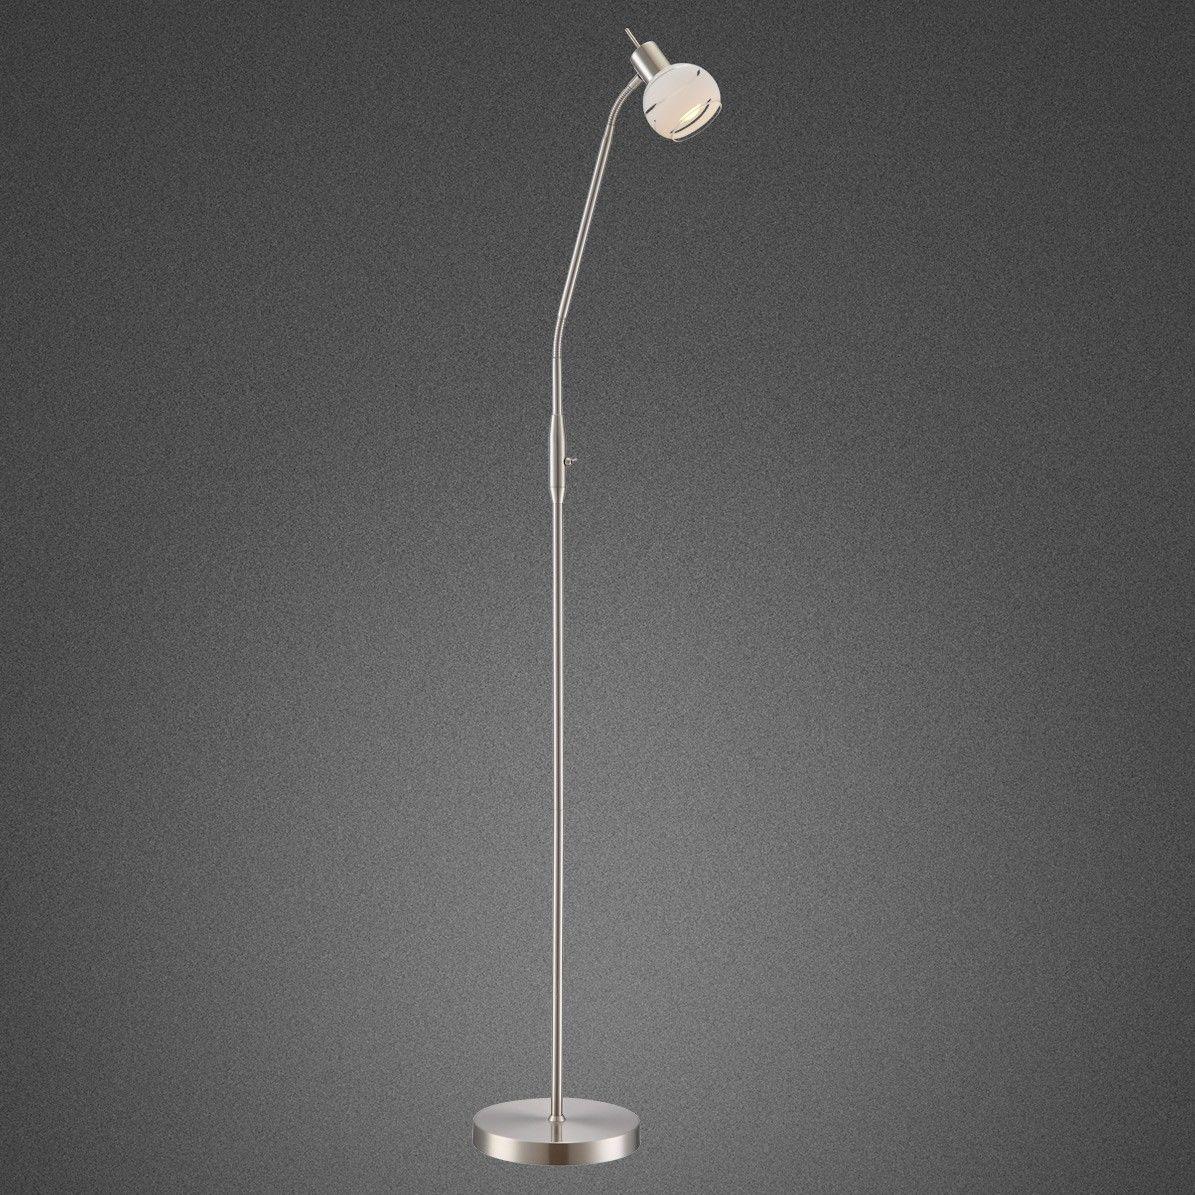 Globo lampa podłogowa Elliott 54341-1S nikiel mat szklany klosz LED 5W 3000K